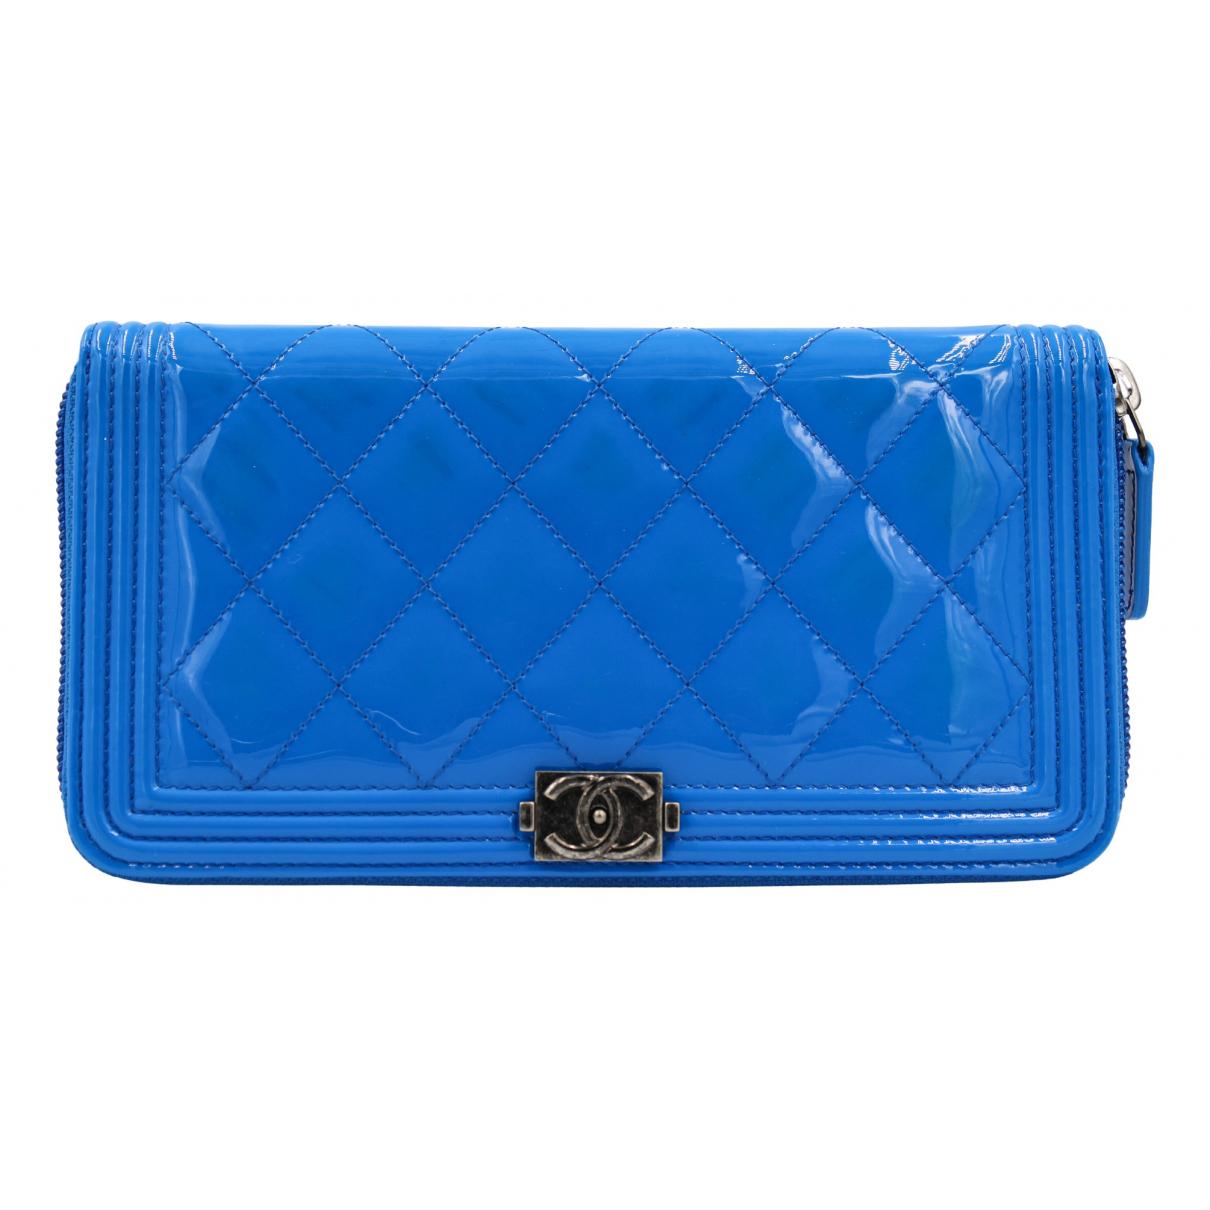 Chanel - Portefeuille Boy pour femme en cuir verni - bleu